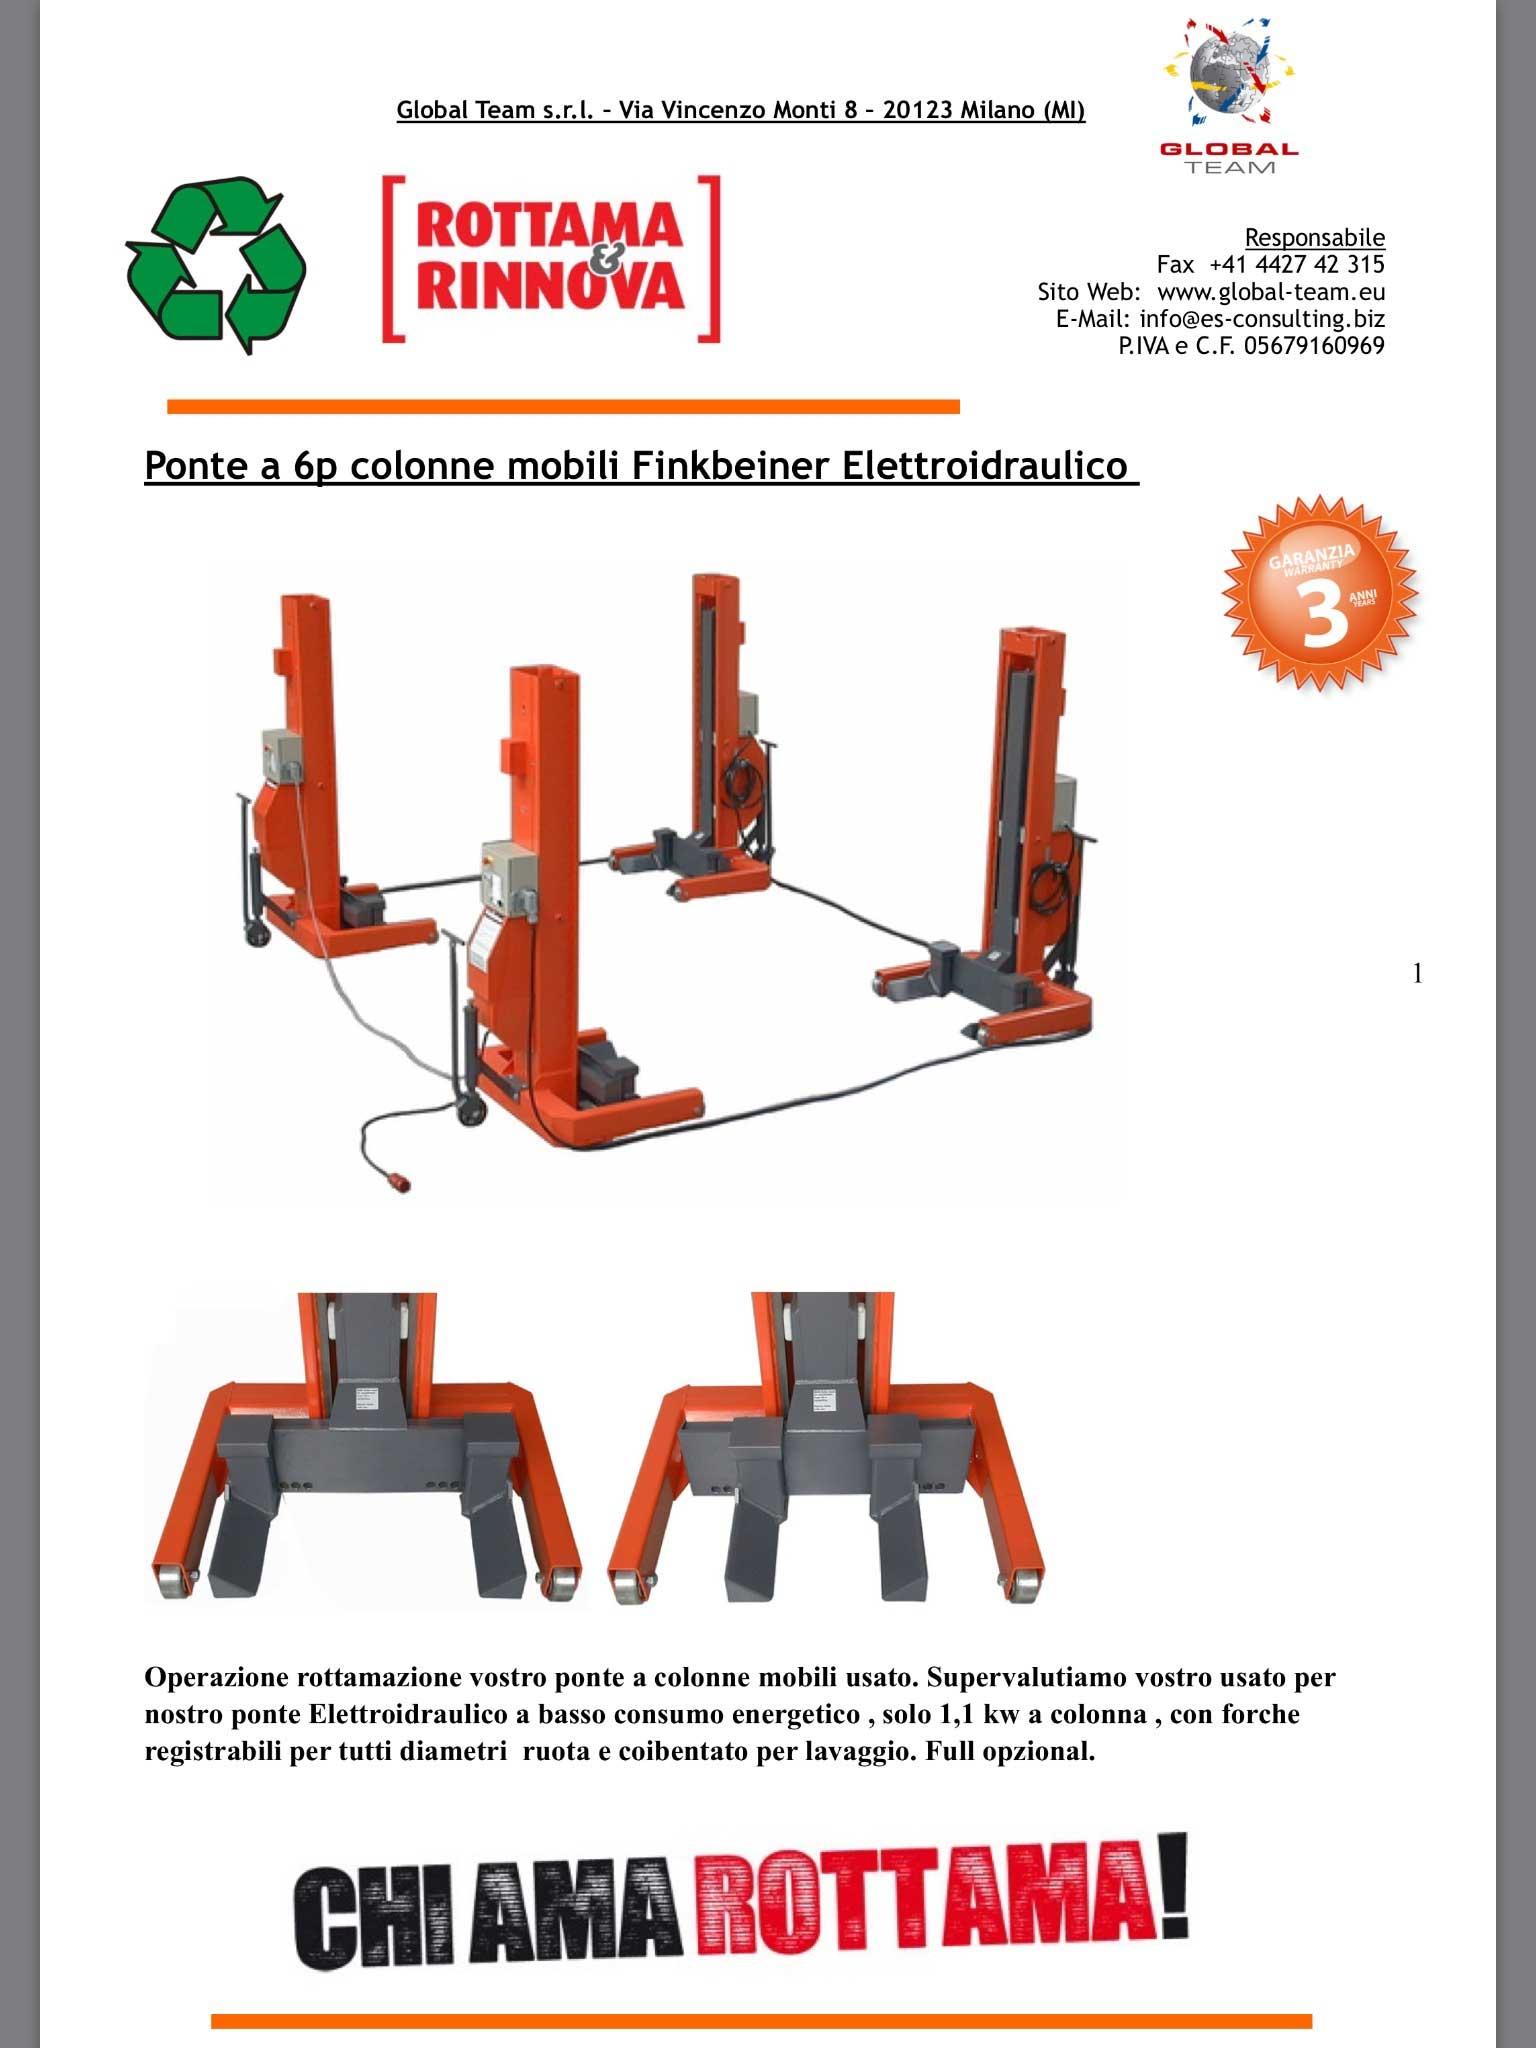 Promozione rottamazione ponte mobile idraulico a cavi top quality. Contattaci per un'offerta mirata senza impegno.